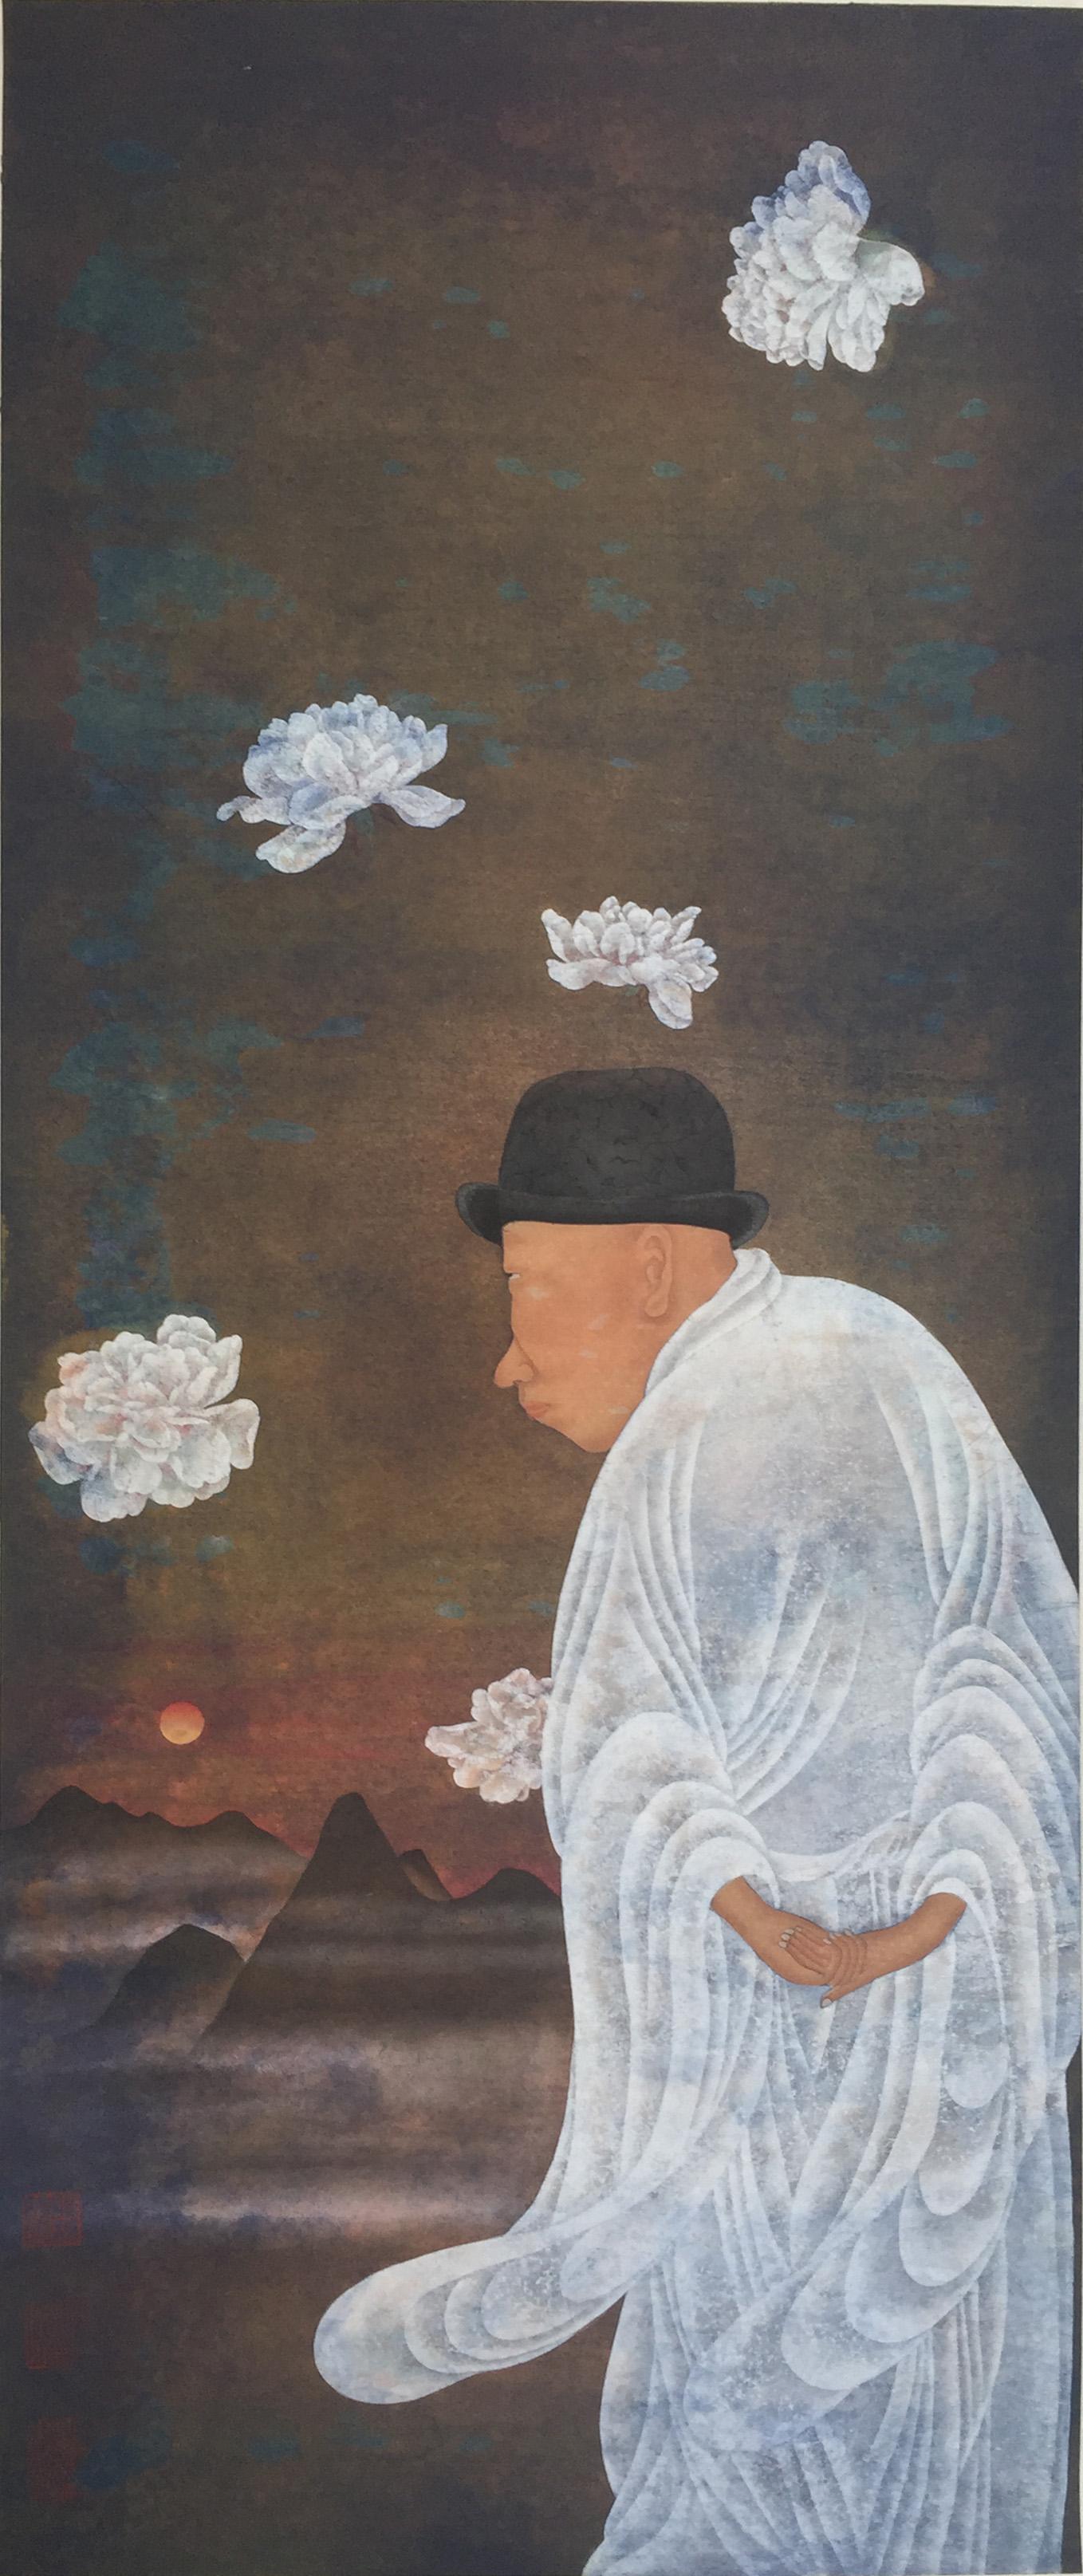 Chun Lan